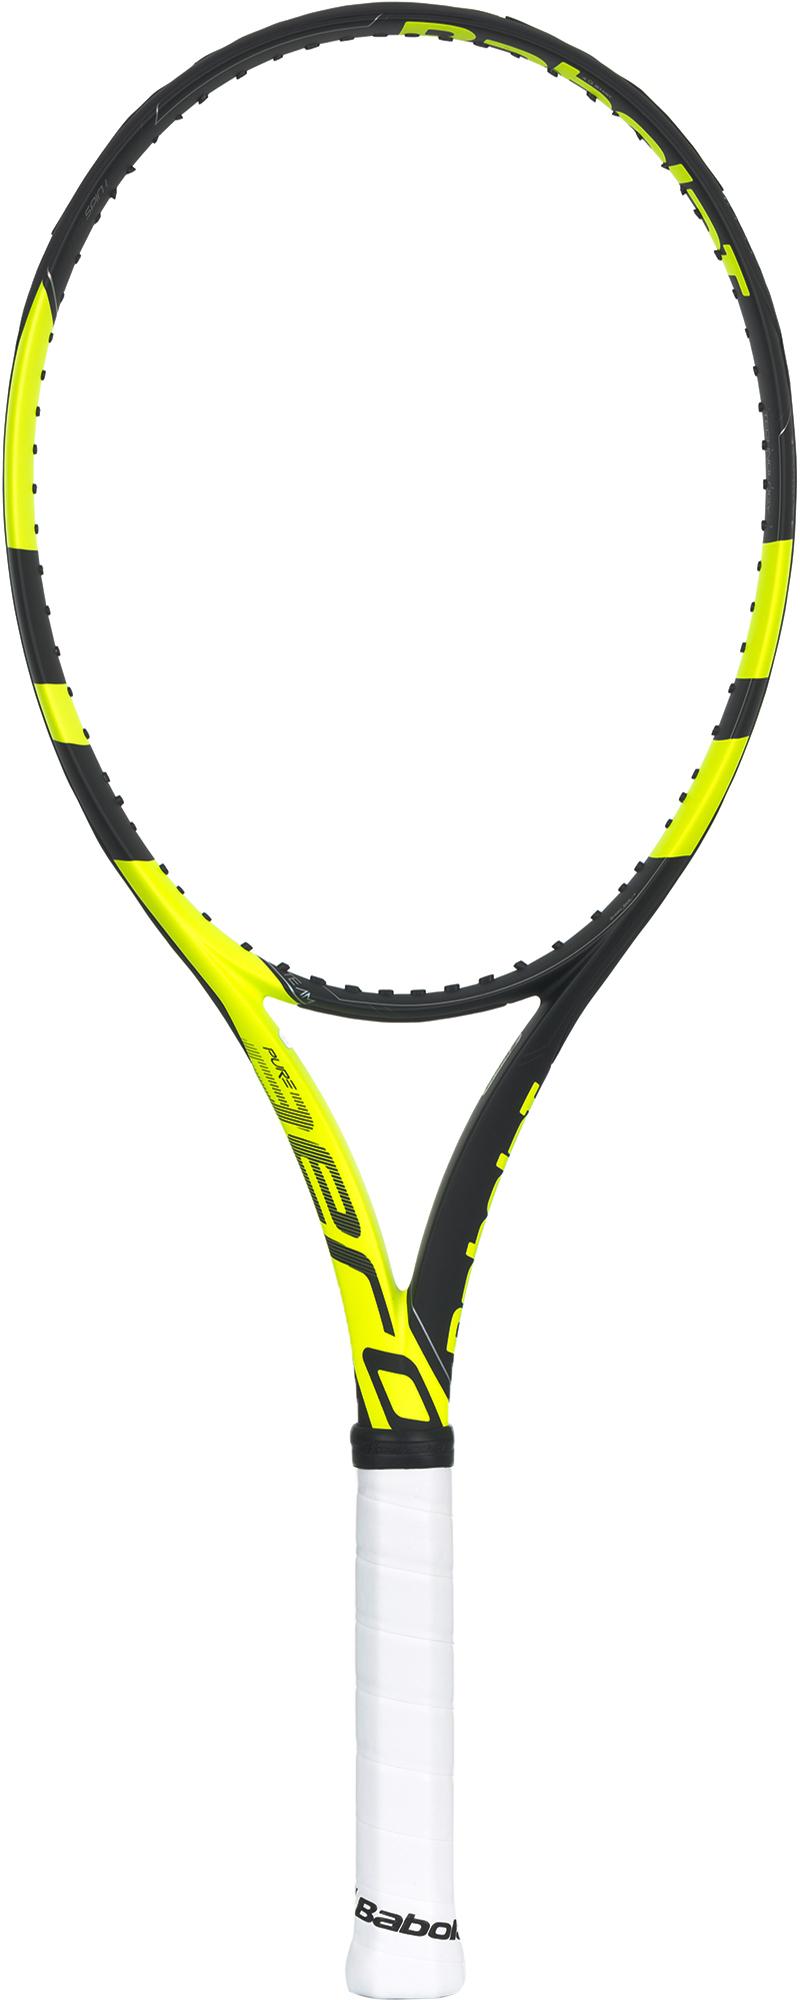 Babolat Ракетка для большого тенниса Babolat Pure Aero Team, размер 3 babolat набор мячей для большого тенниса babolat red foam x3 размер без размера